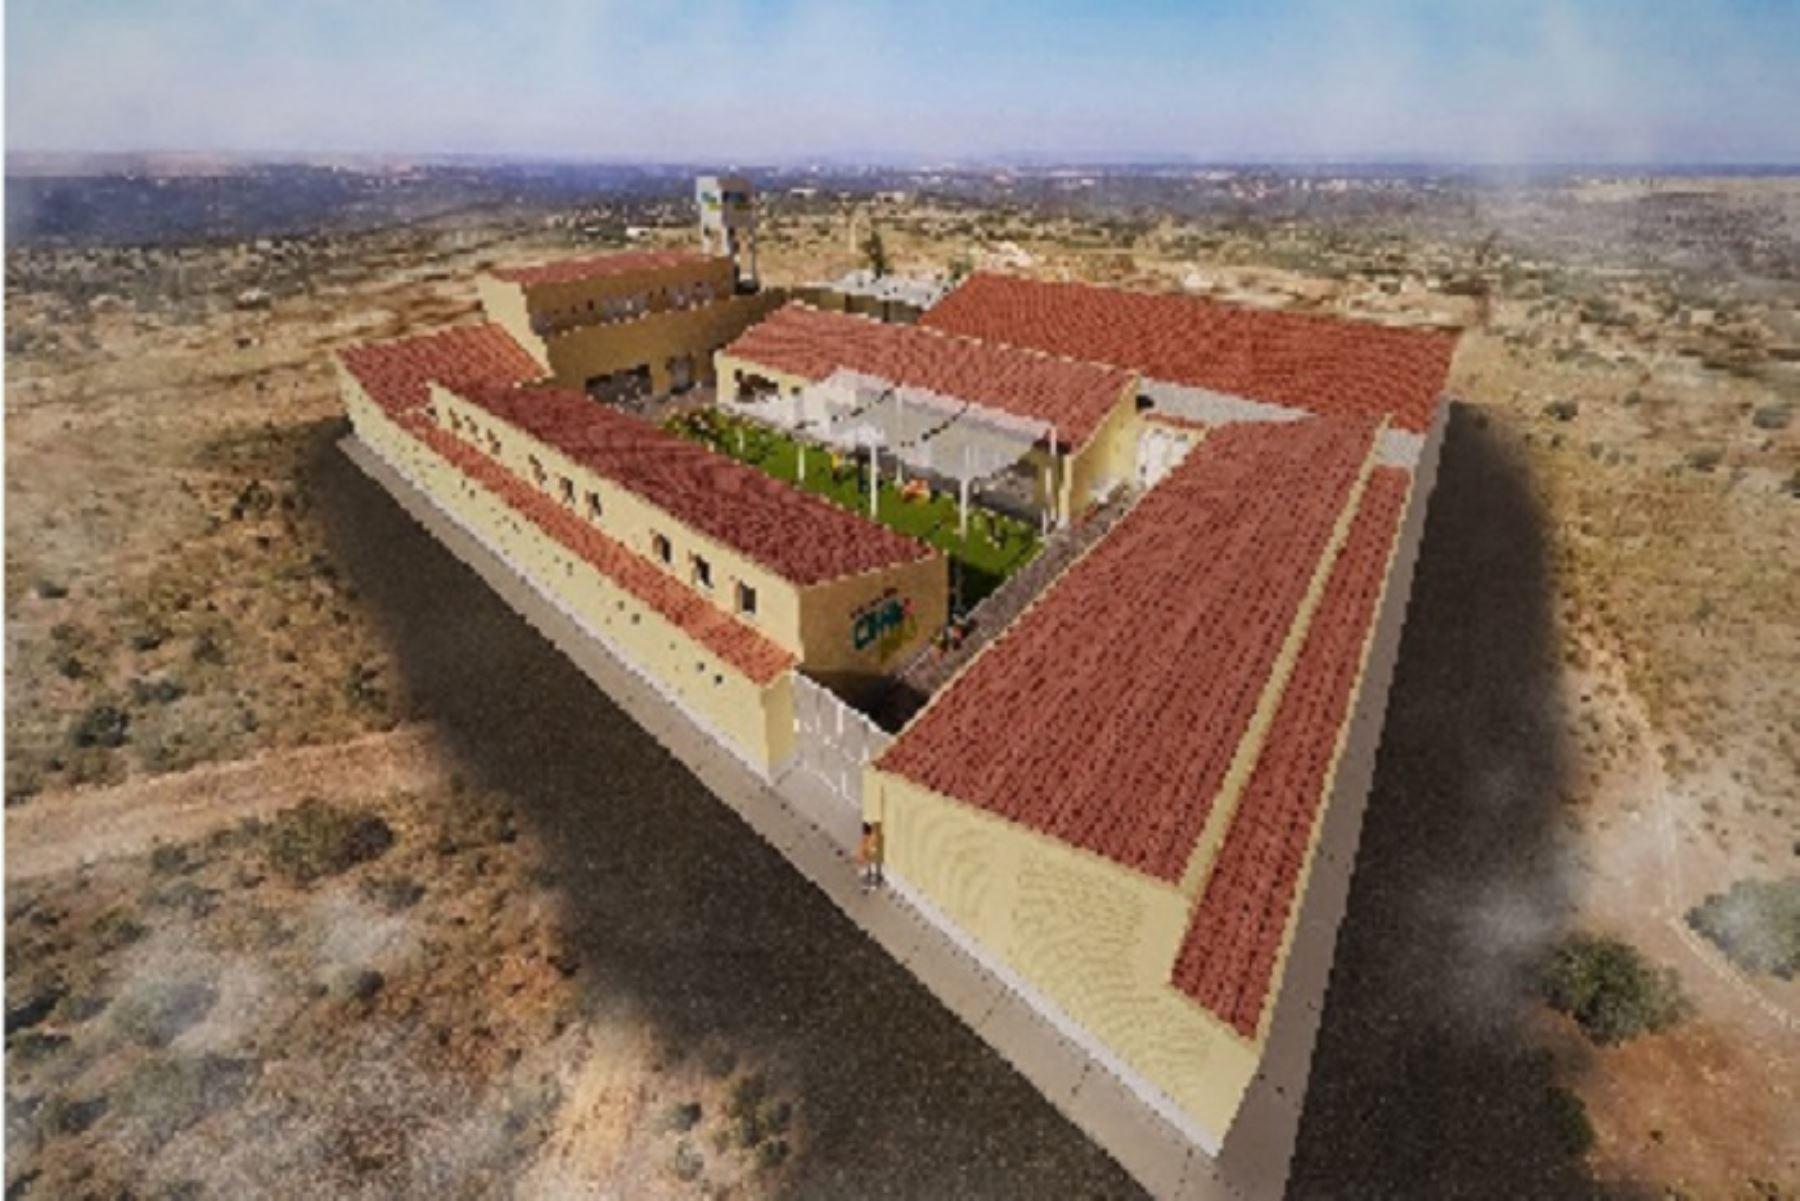 Este establecimiento tendrá un área total de 1522.1 m2 y un área construida de 919.32 m2. La administración del Cuna Más estará a cargo del Midis.